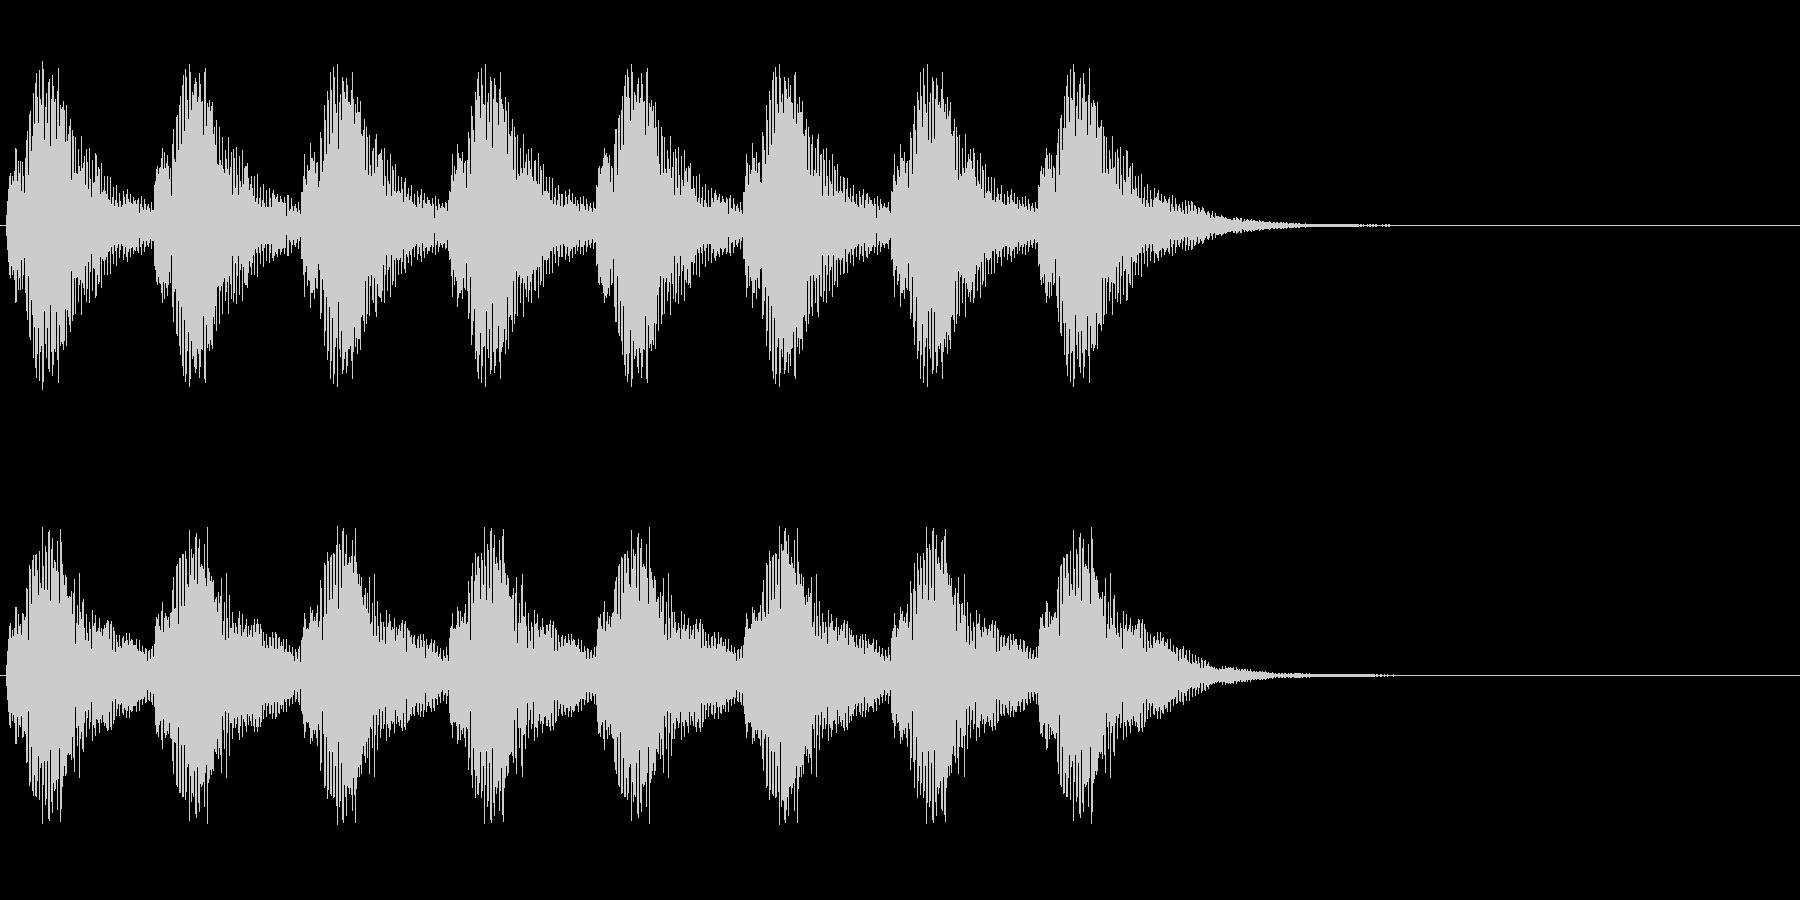 警告・警報・サイレン・ブザー#8(残響)の未再生の波形